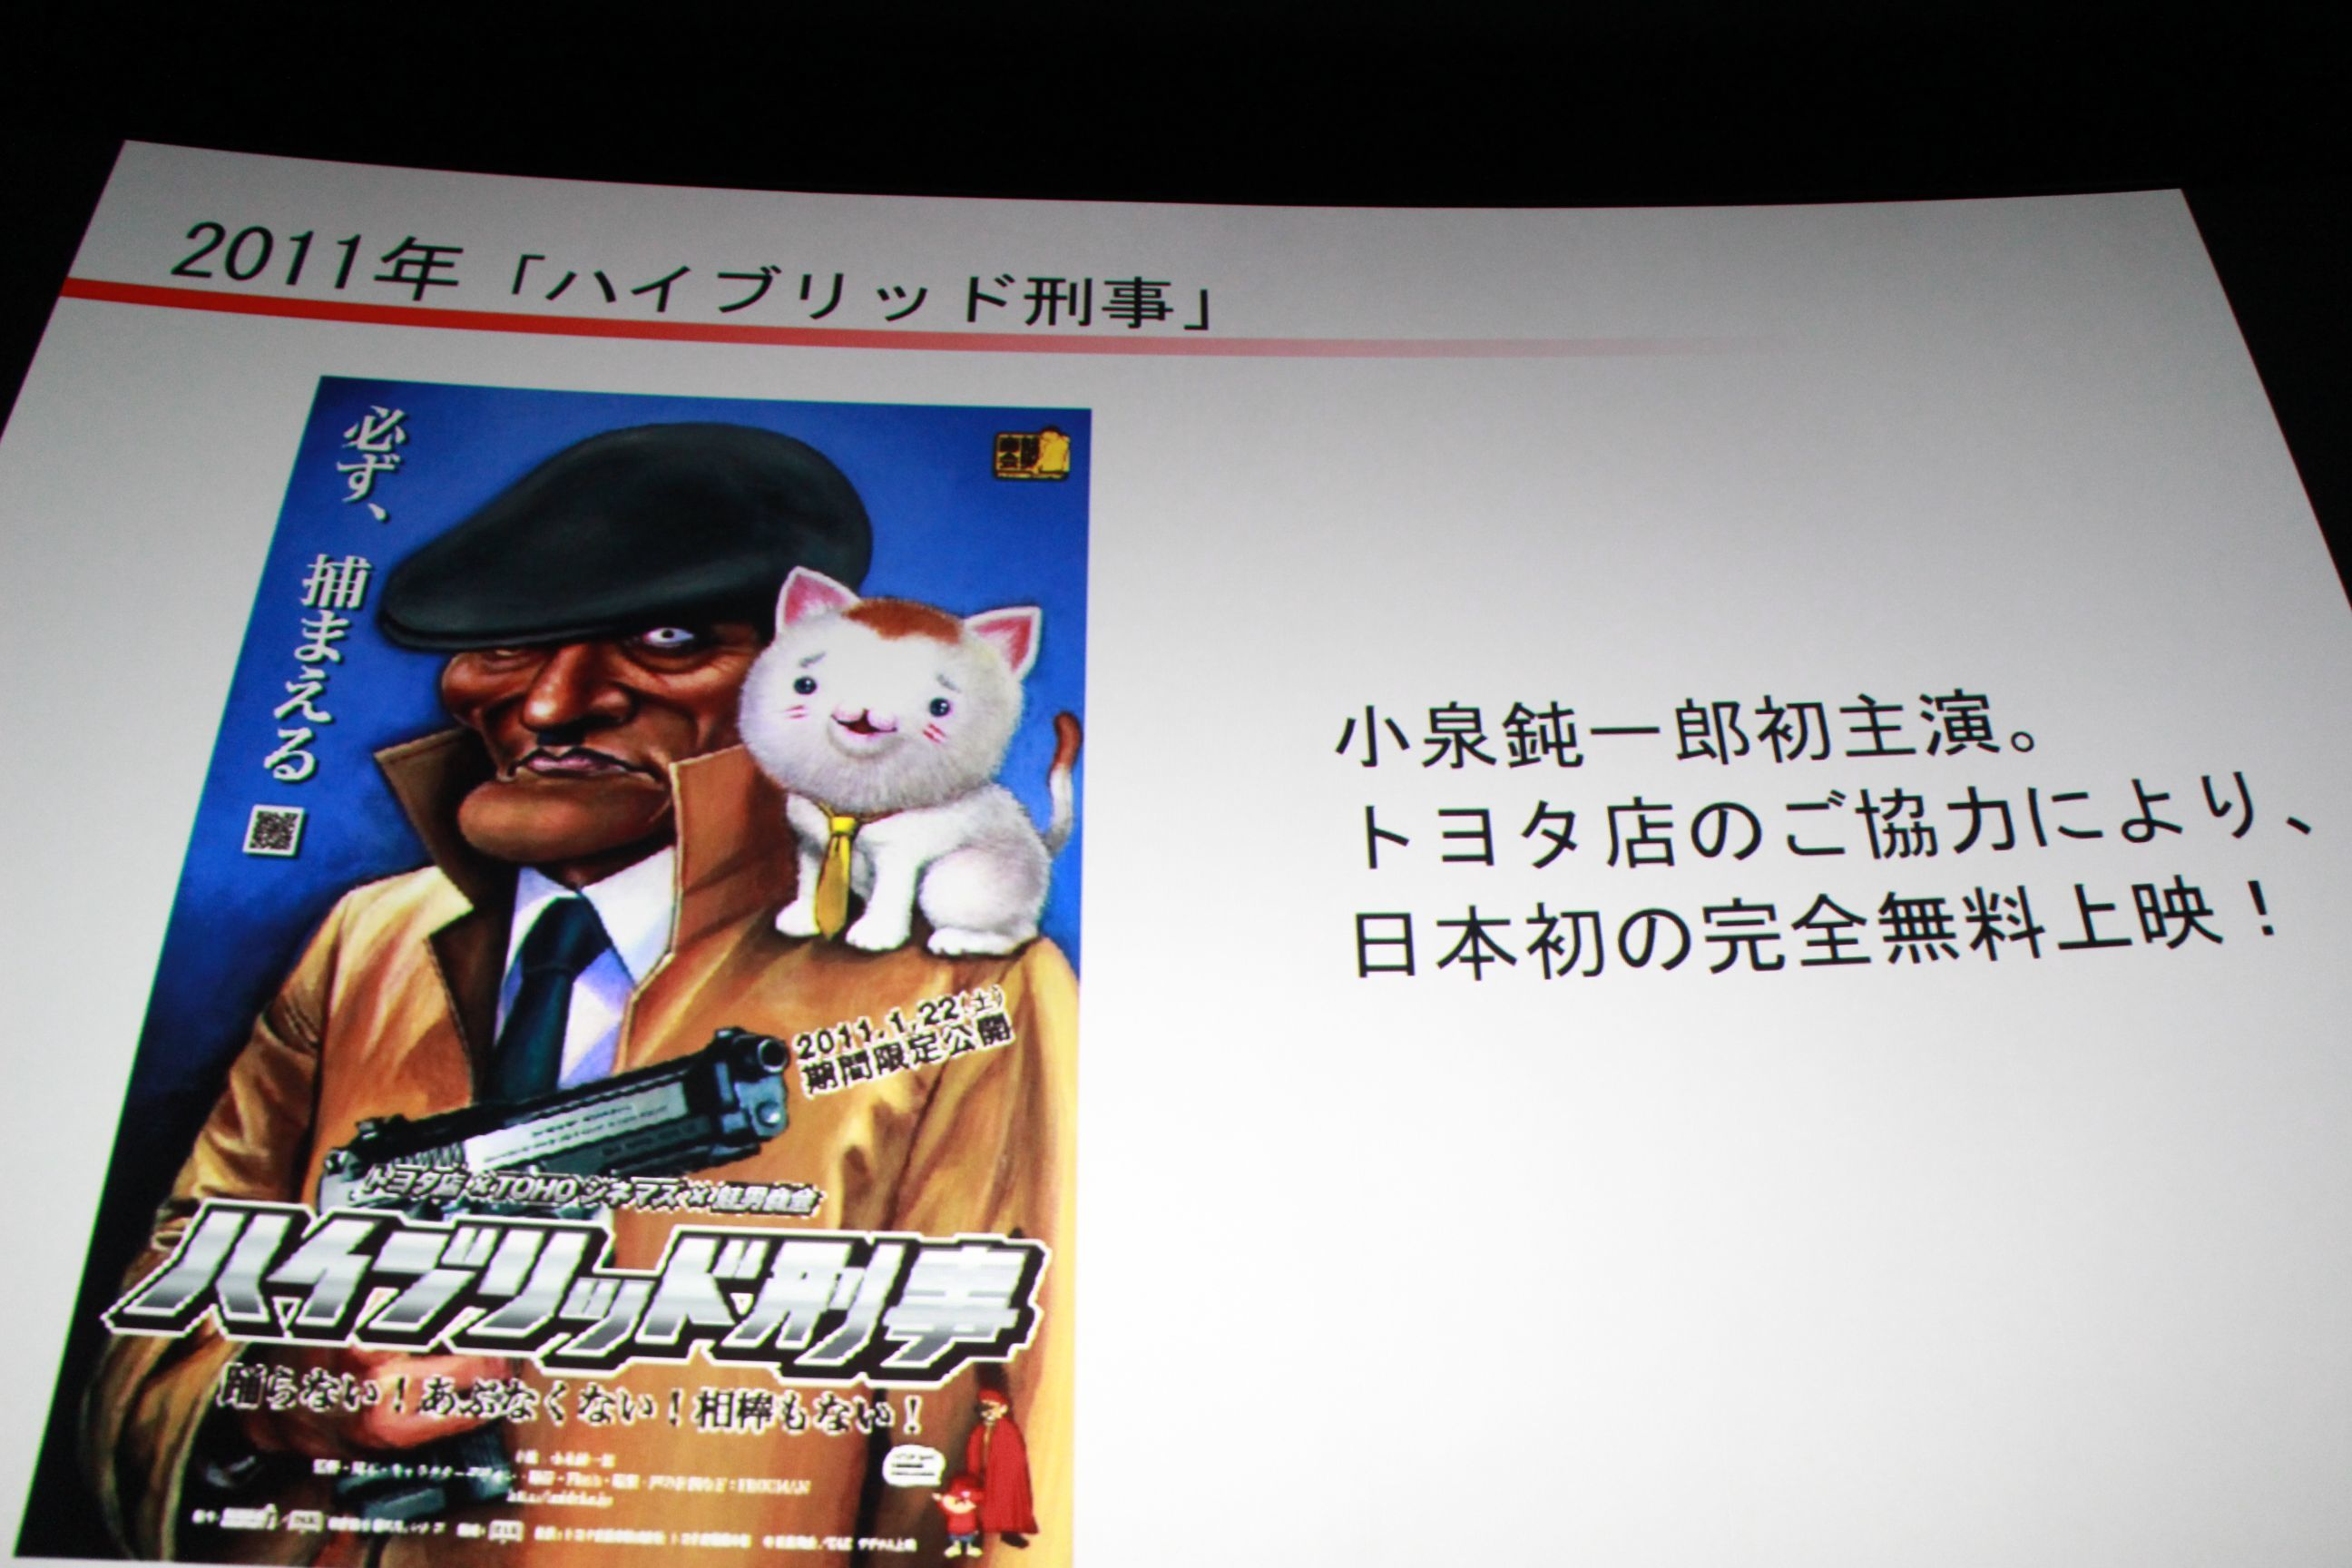 総統が主人公のスピンオフ作品も映画化された